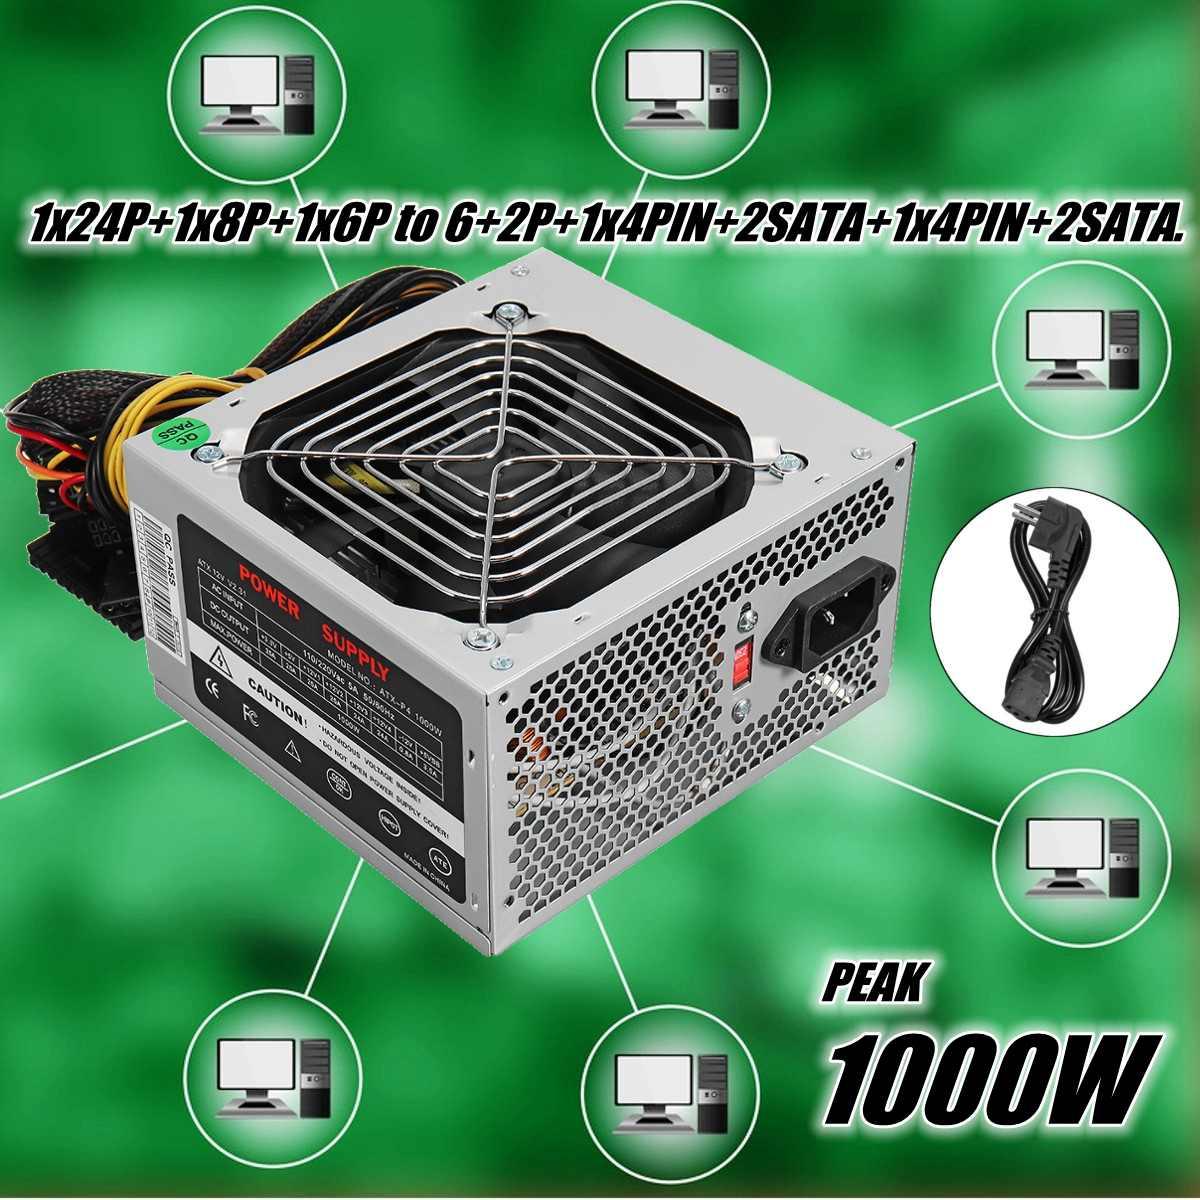 ماكس 1000 واط امدادات الطاقة PSU PFC مروحة كاتمة للصوت ATX 24pin 12 فولت جهاز كمبيوتر شخصي SATA الألعاب الكمبيوتر امدادات الطاقة للكمبيوتر إنتل AMD الفضة